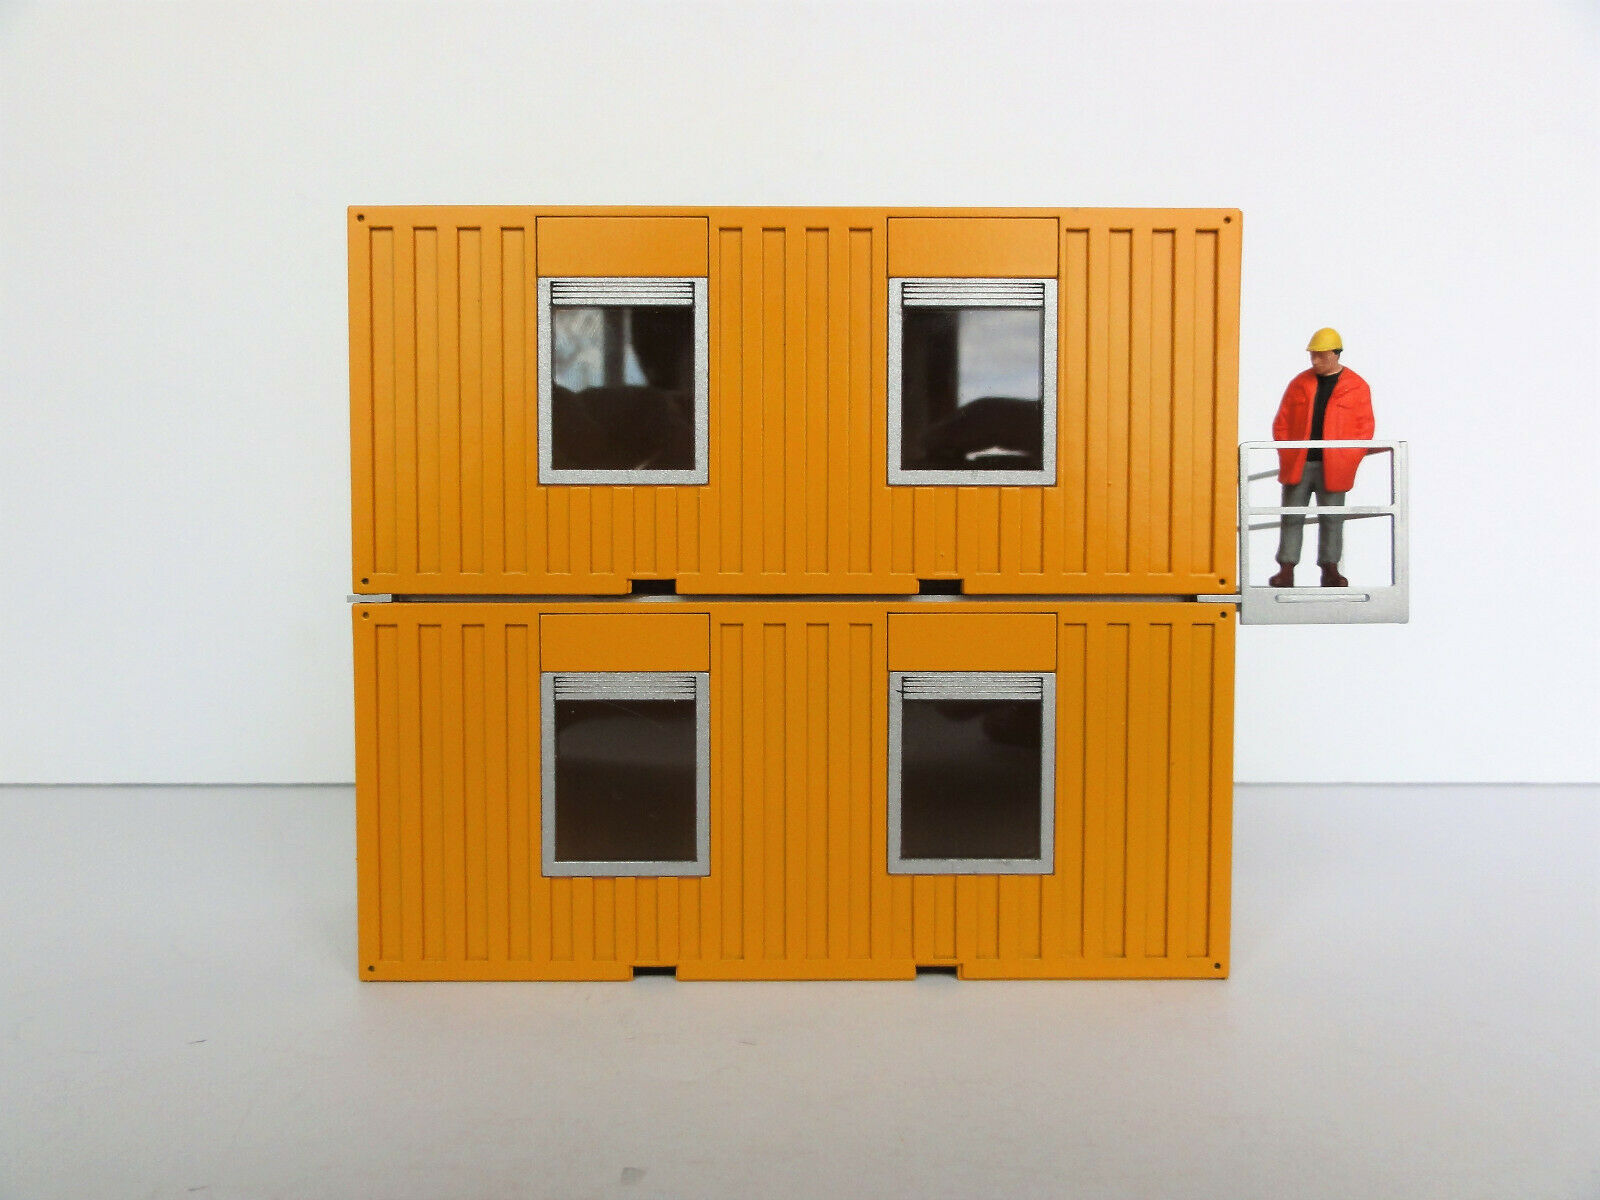 Himobo 20 ft (environ 6.10 m) Living Bureau de conteneurs  Jaune  1 50  NEW  Aimable Accessoire